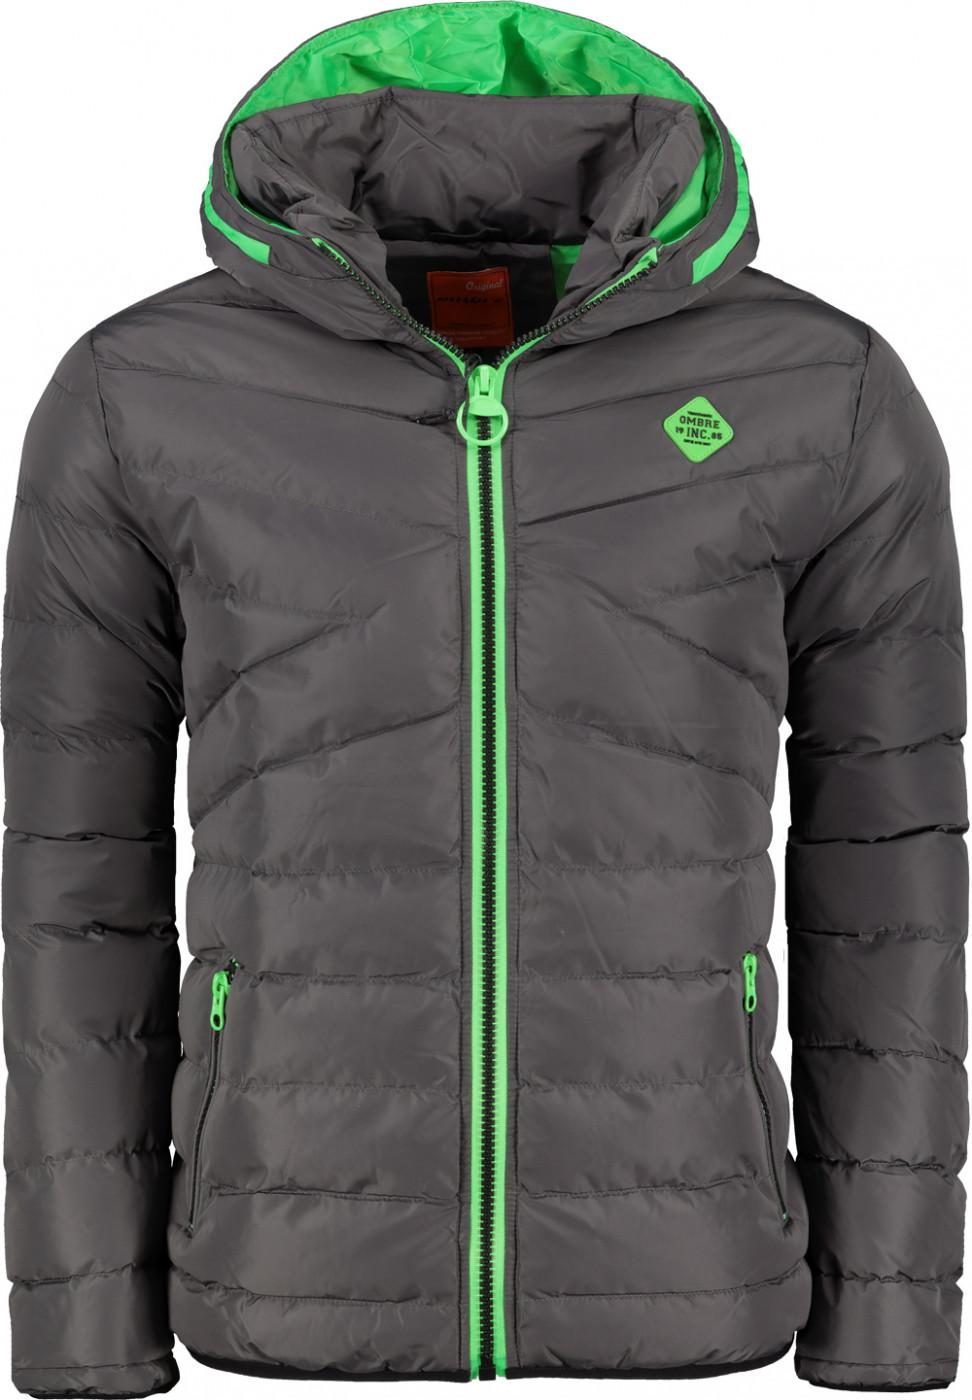 Men's jacket Ombre C363